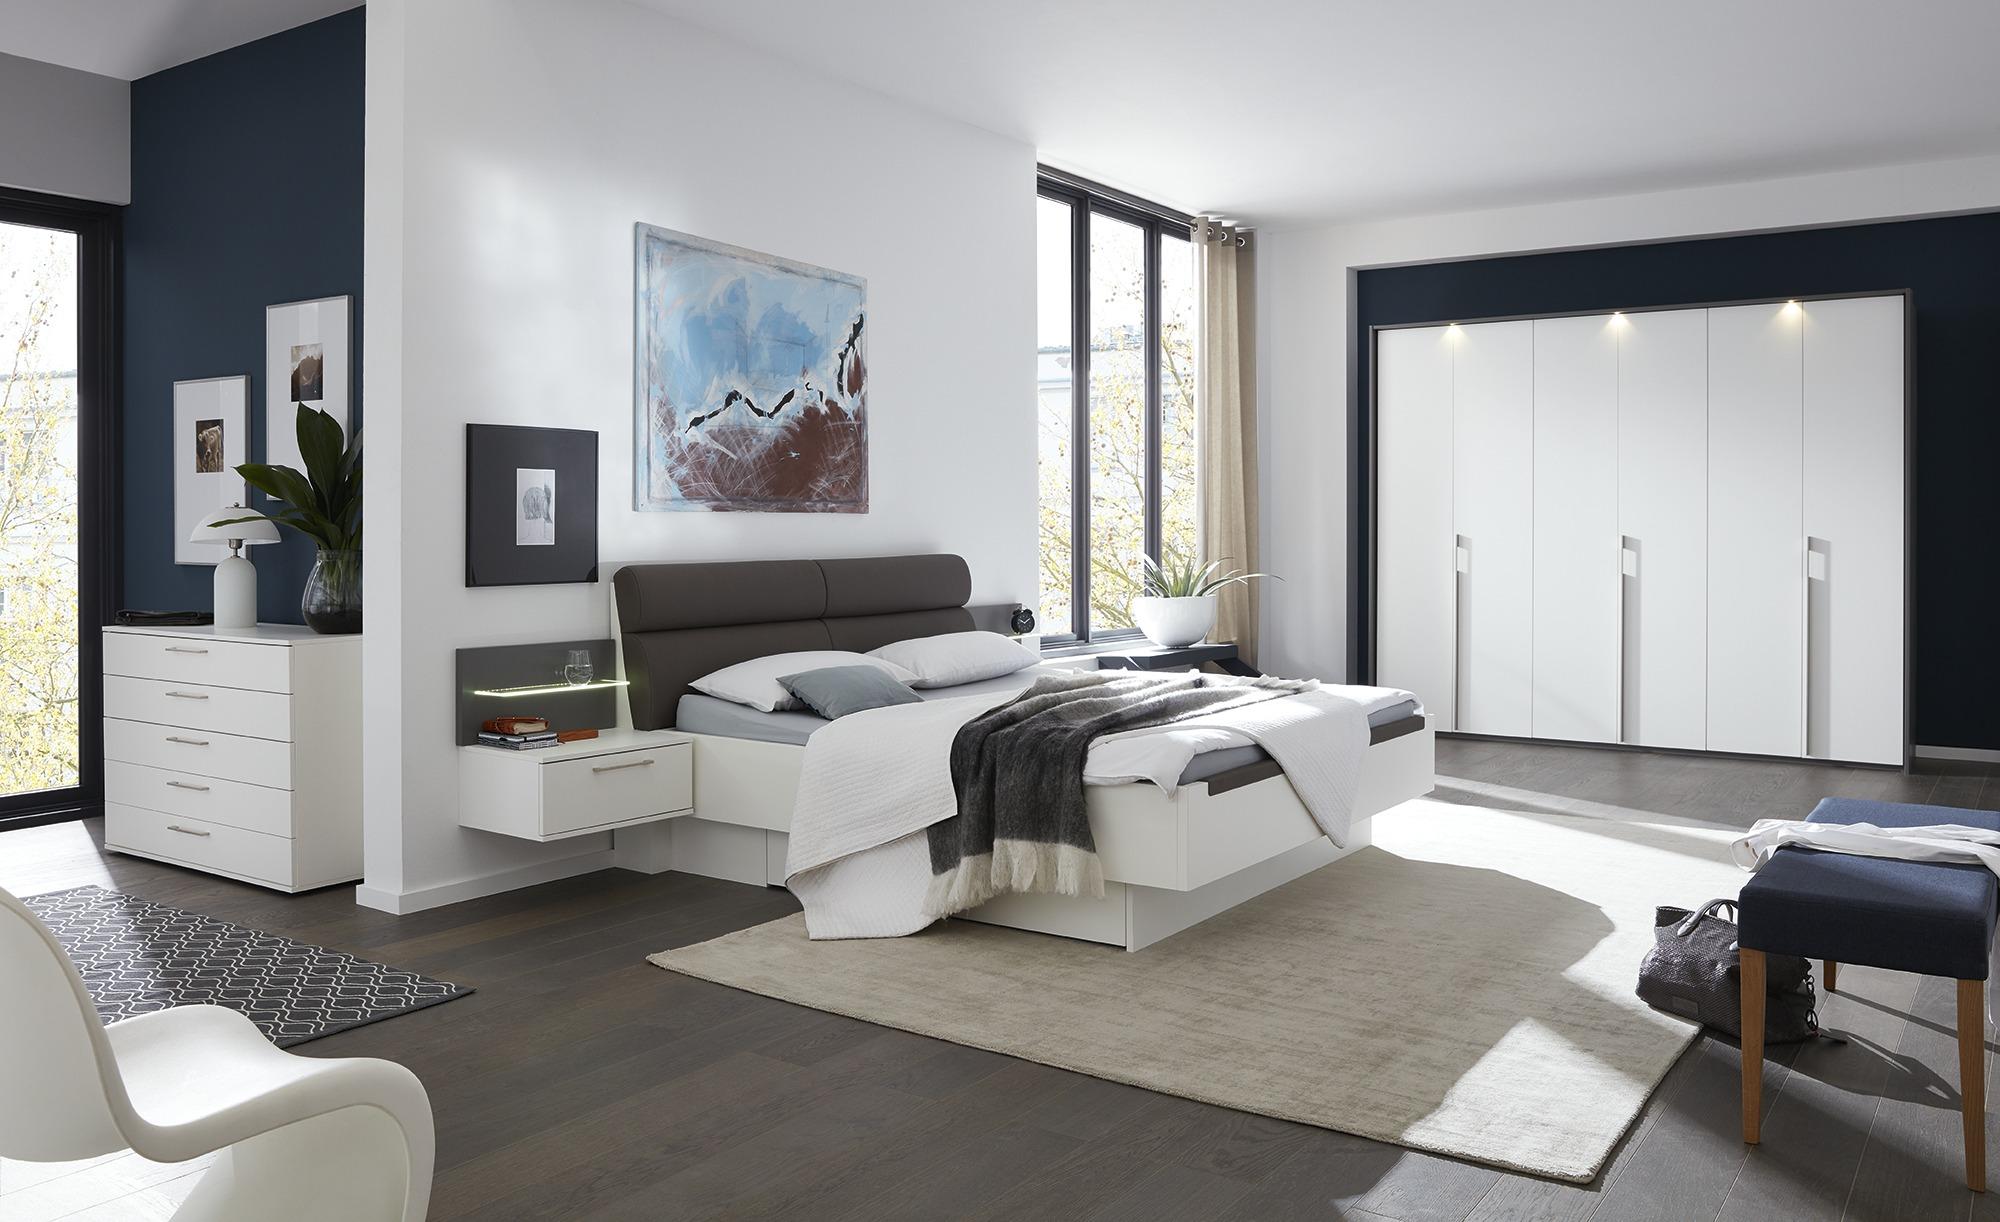 Wohnwert Schlafzimmer Kollina, gefunden bei Möbel Höffner